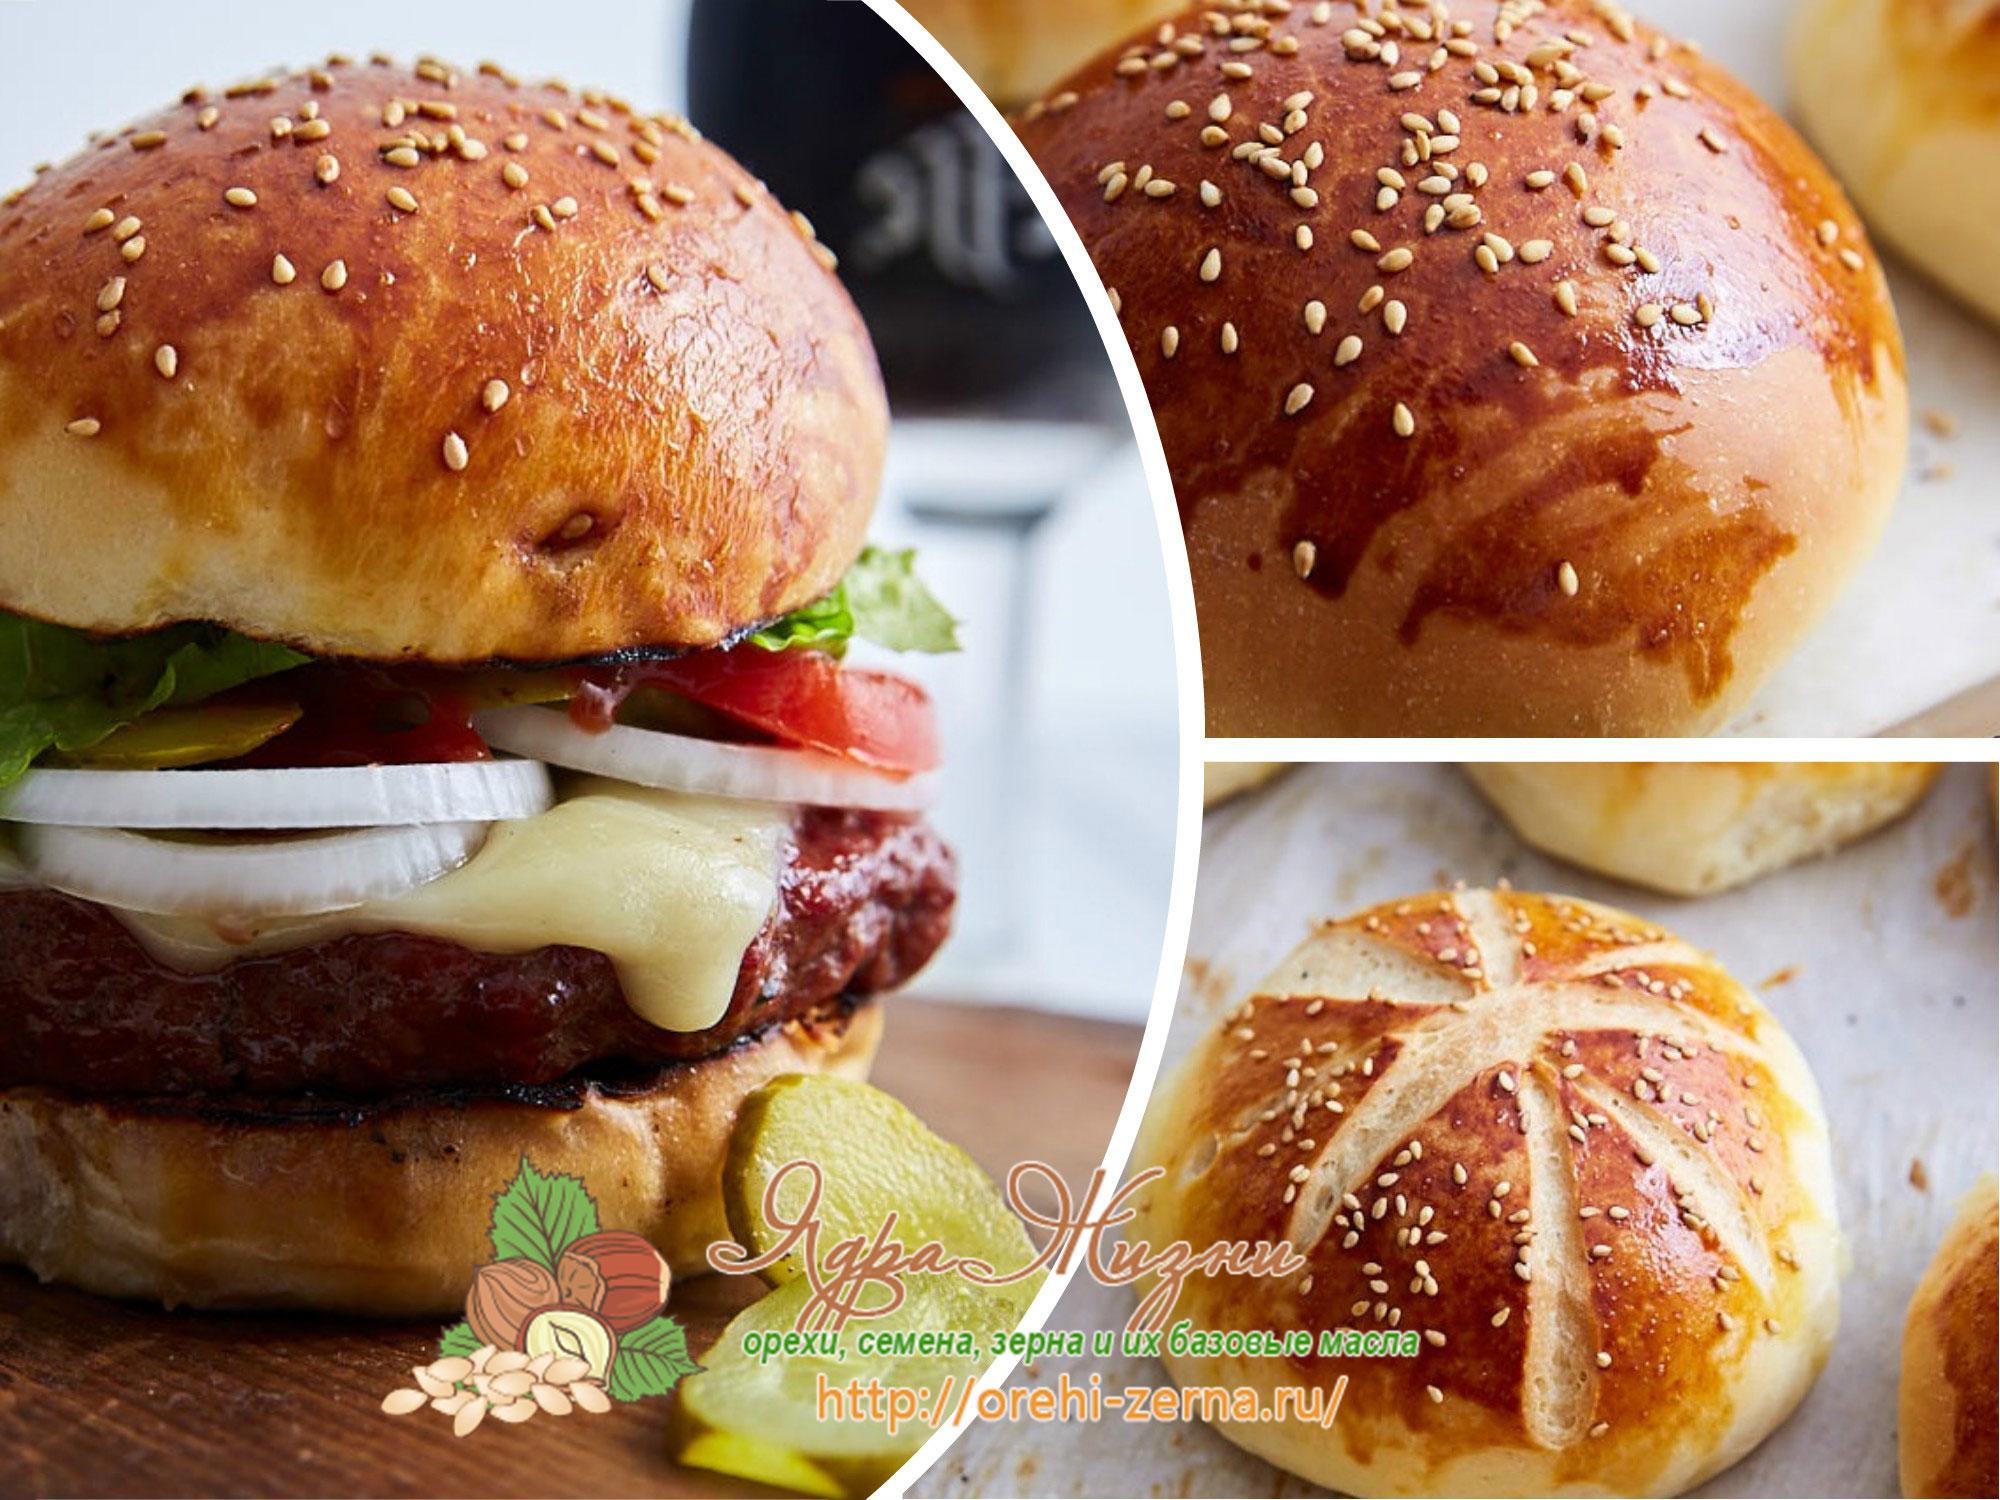 Рецепт гамбургера как в макдональдсе в домашних условиях пошагово 112